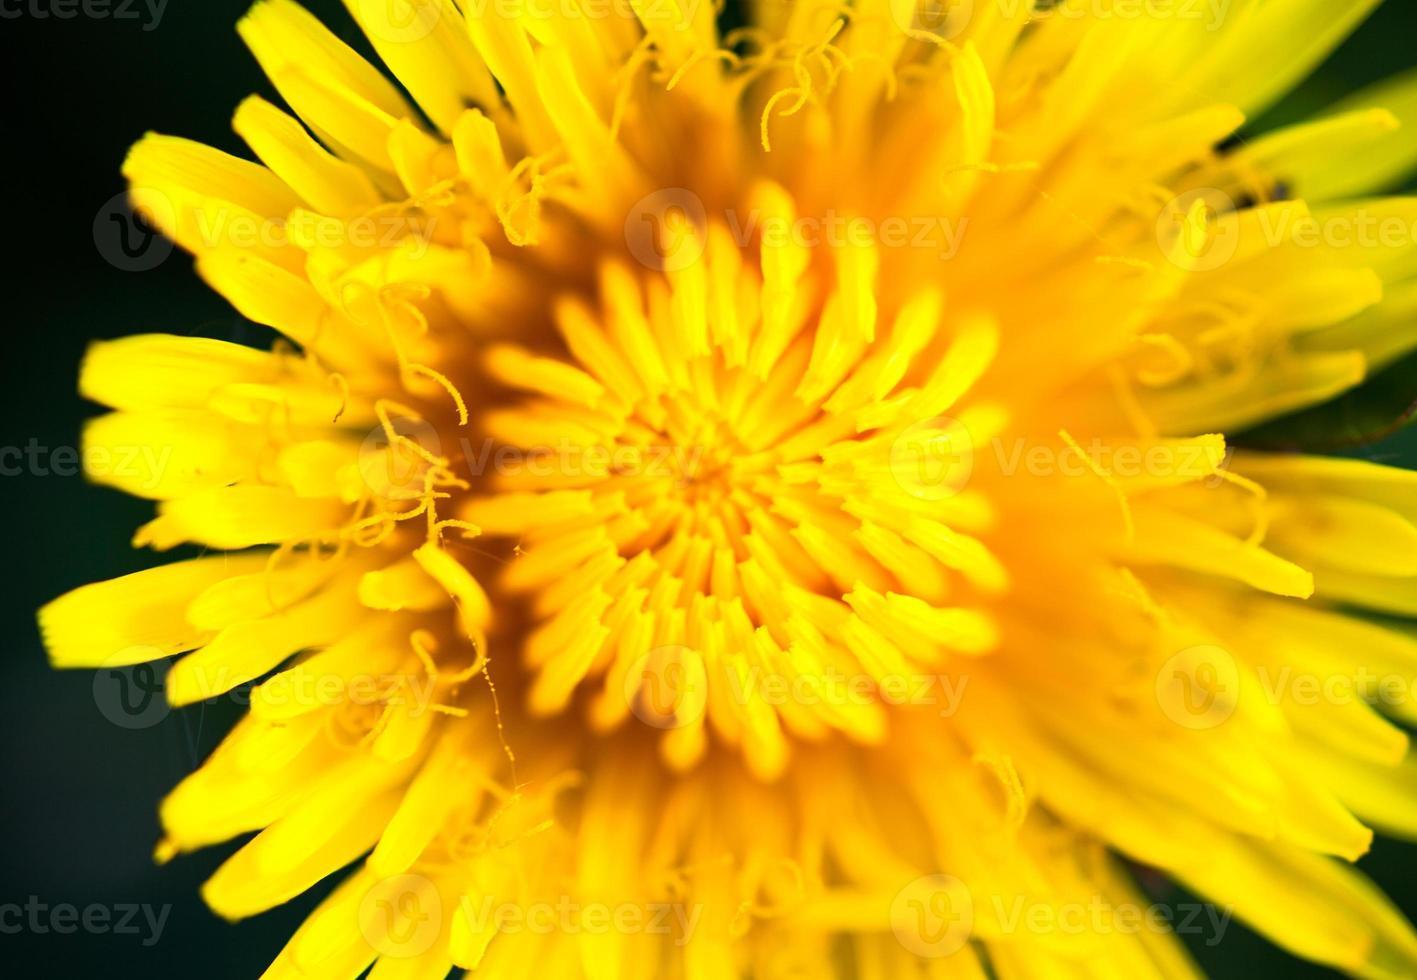 primo piano della fioritura fiore giallo tarassaco foto